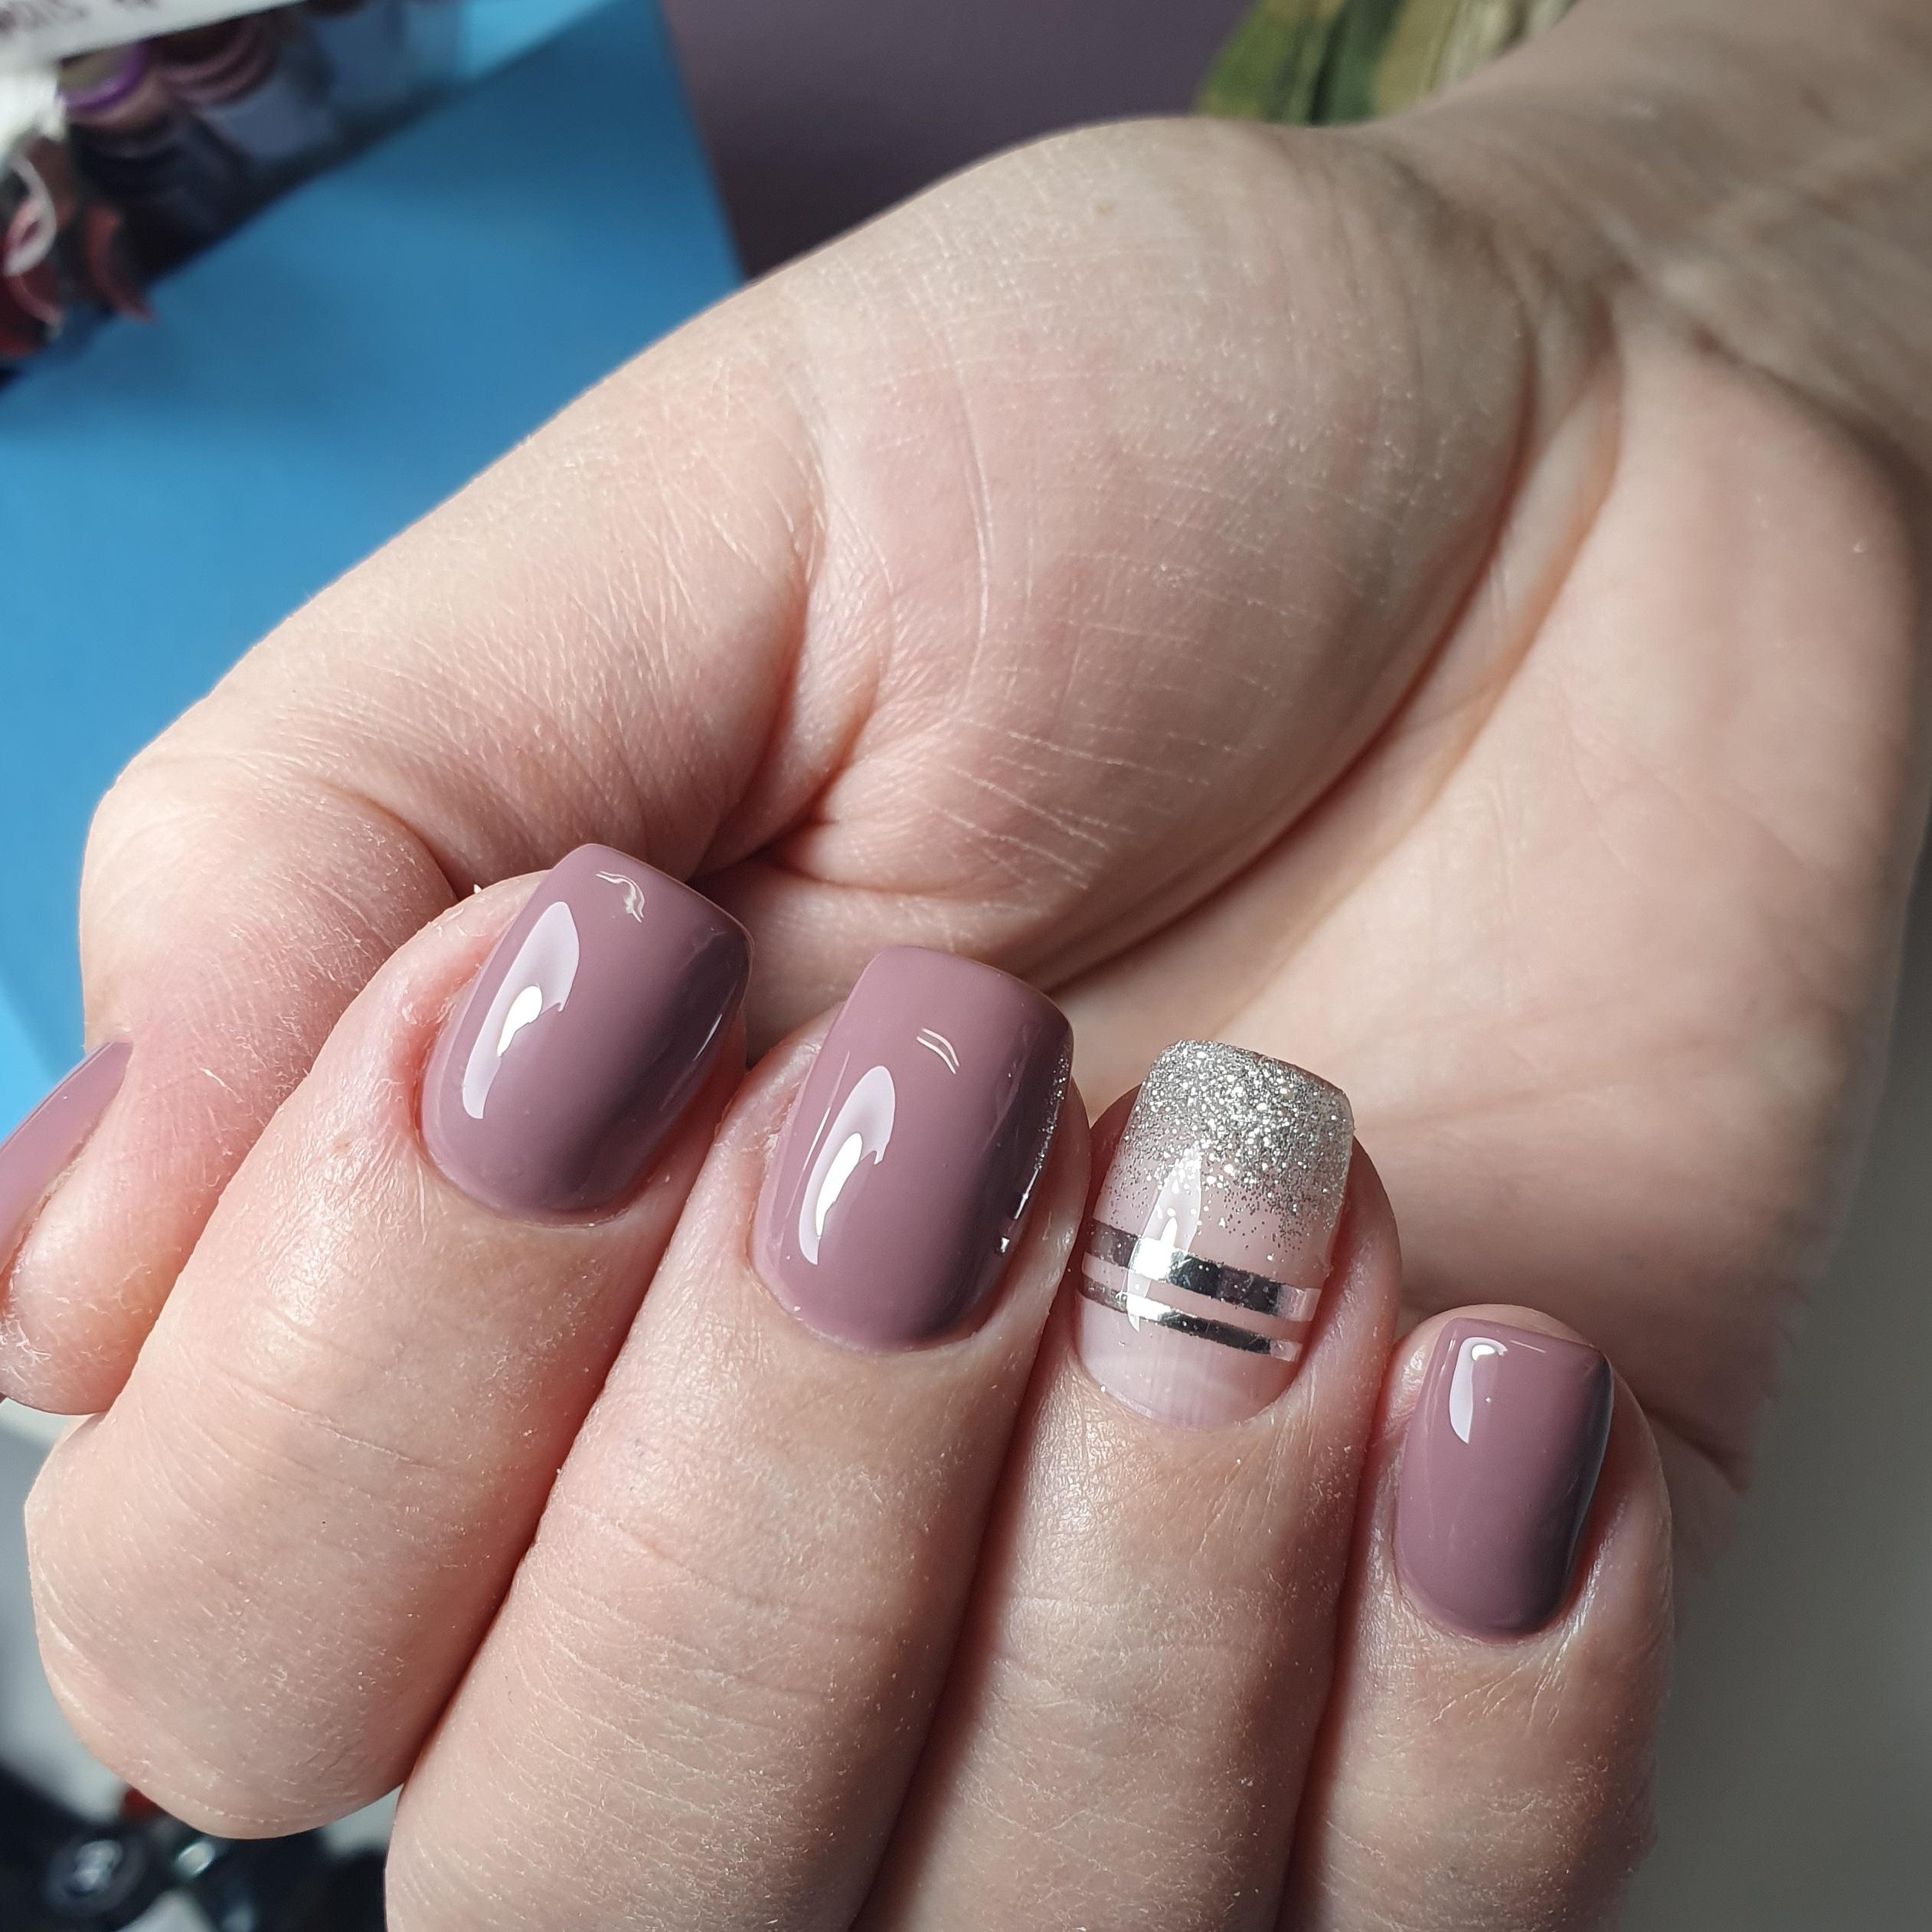 Маникюр с серебряными блестками и полосками в лиловом цвете.